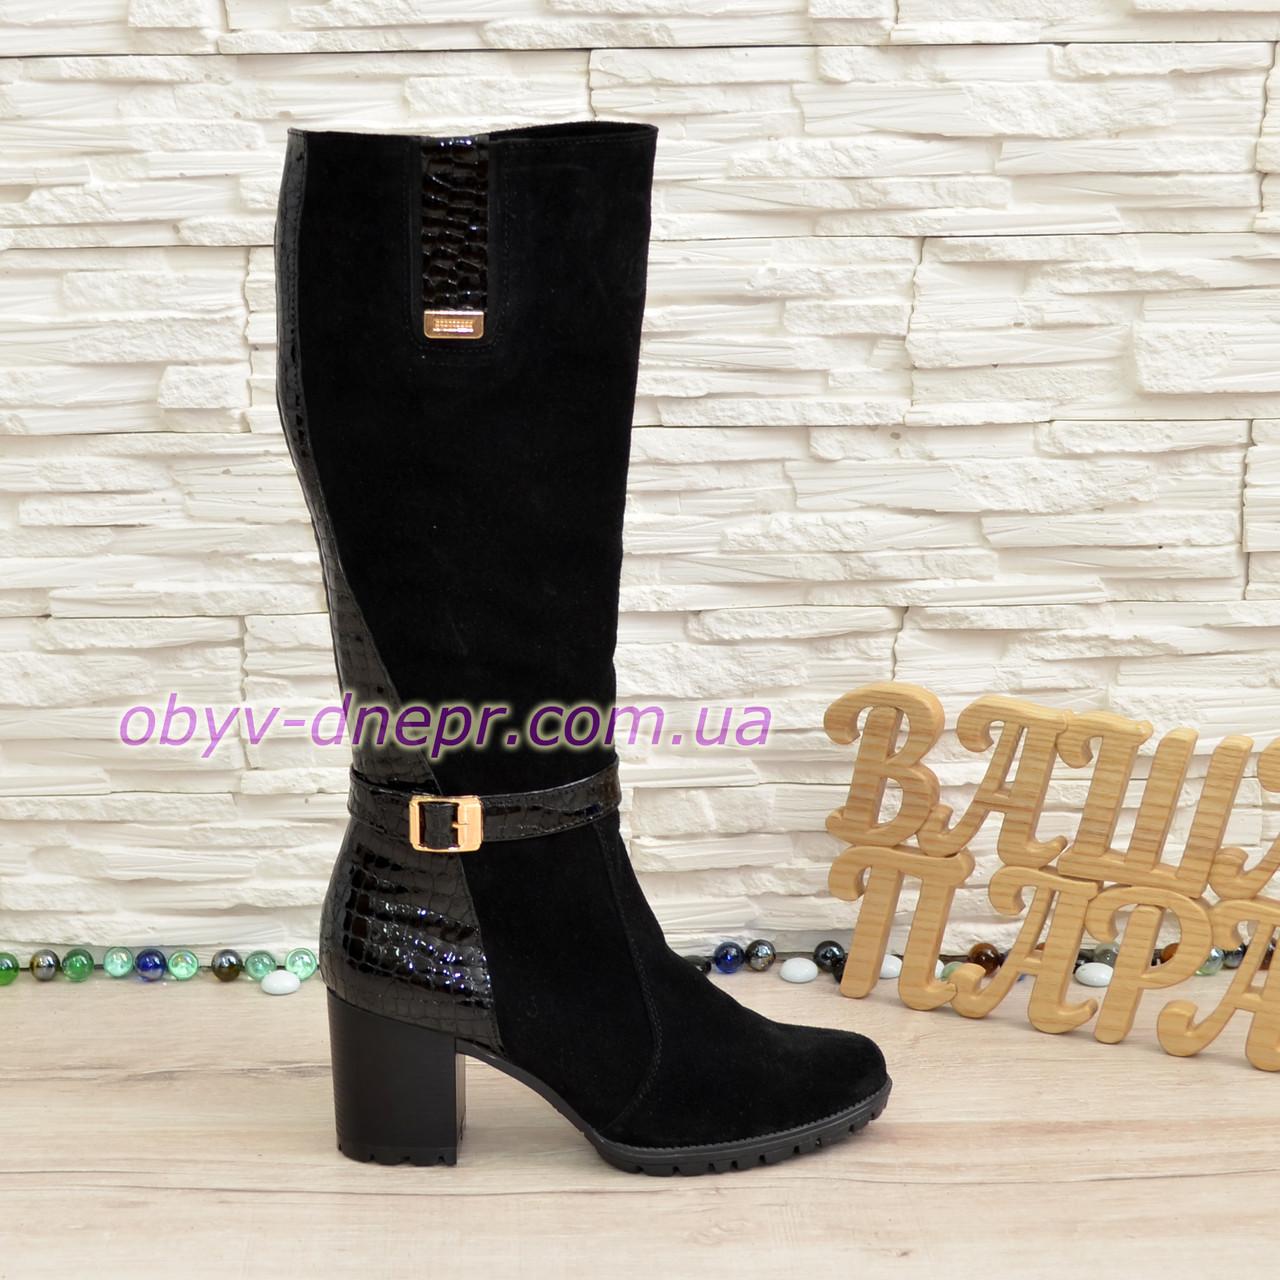 Сапоги черные замшевые зимние на высоком устойчивом каблуке, декорированы лаковой вставкой.